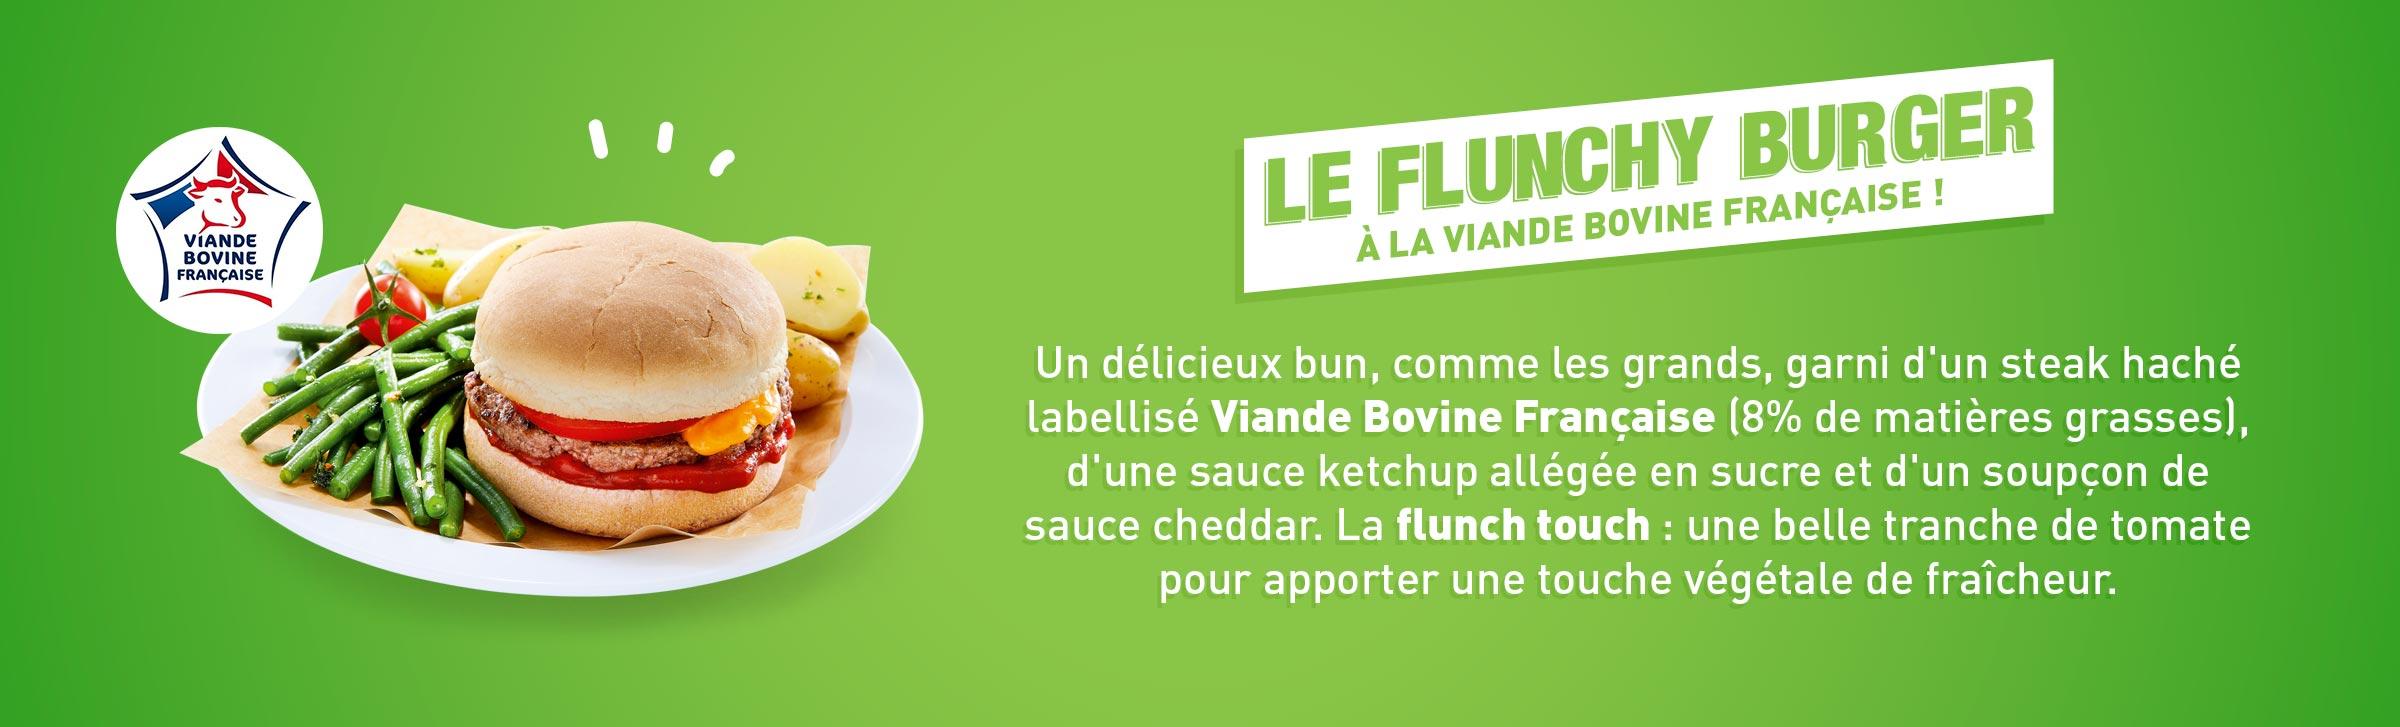 Nouveau menu flunchy